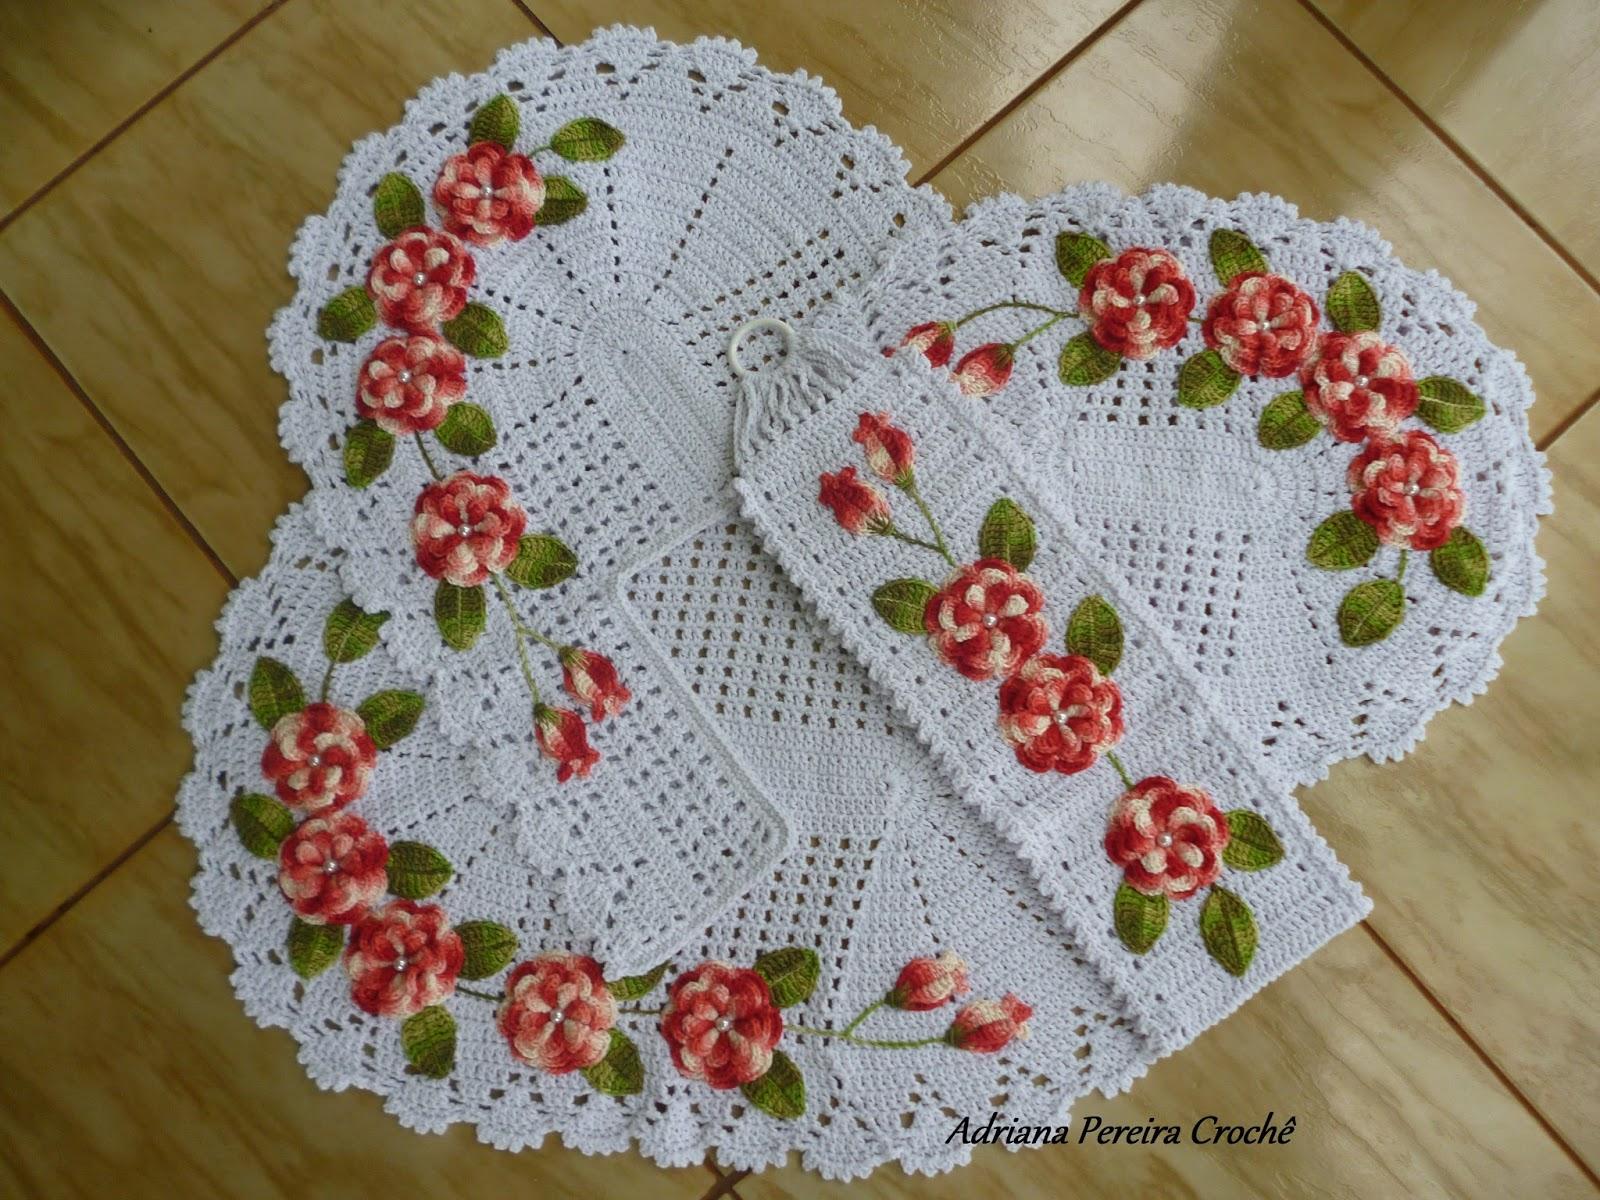 Adriana Pereira Crochê: Jogo de Banheiro com Flores Aplicadas #4E5B14 1600x1200 Balança De Banheiro Quanto Custa